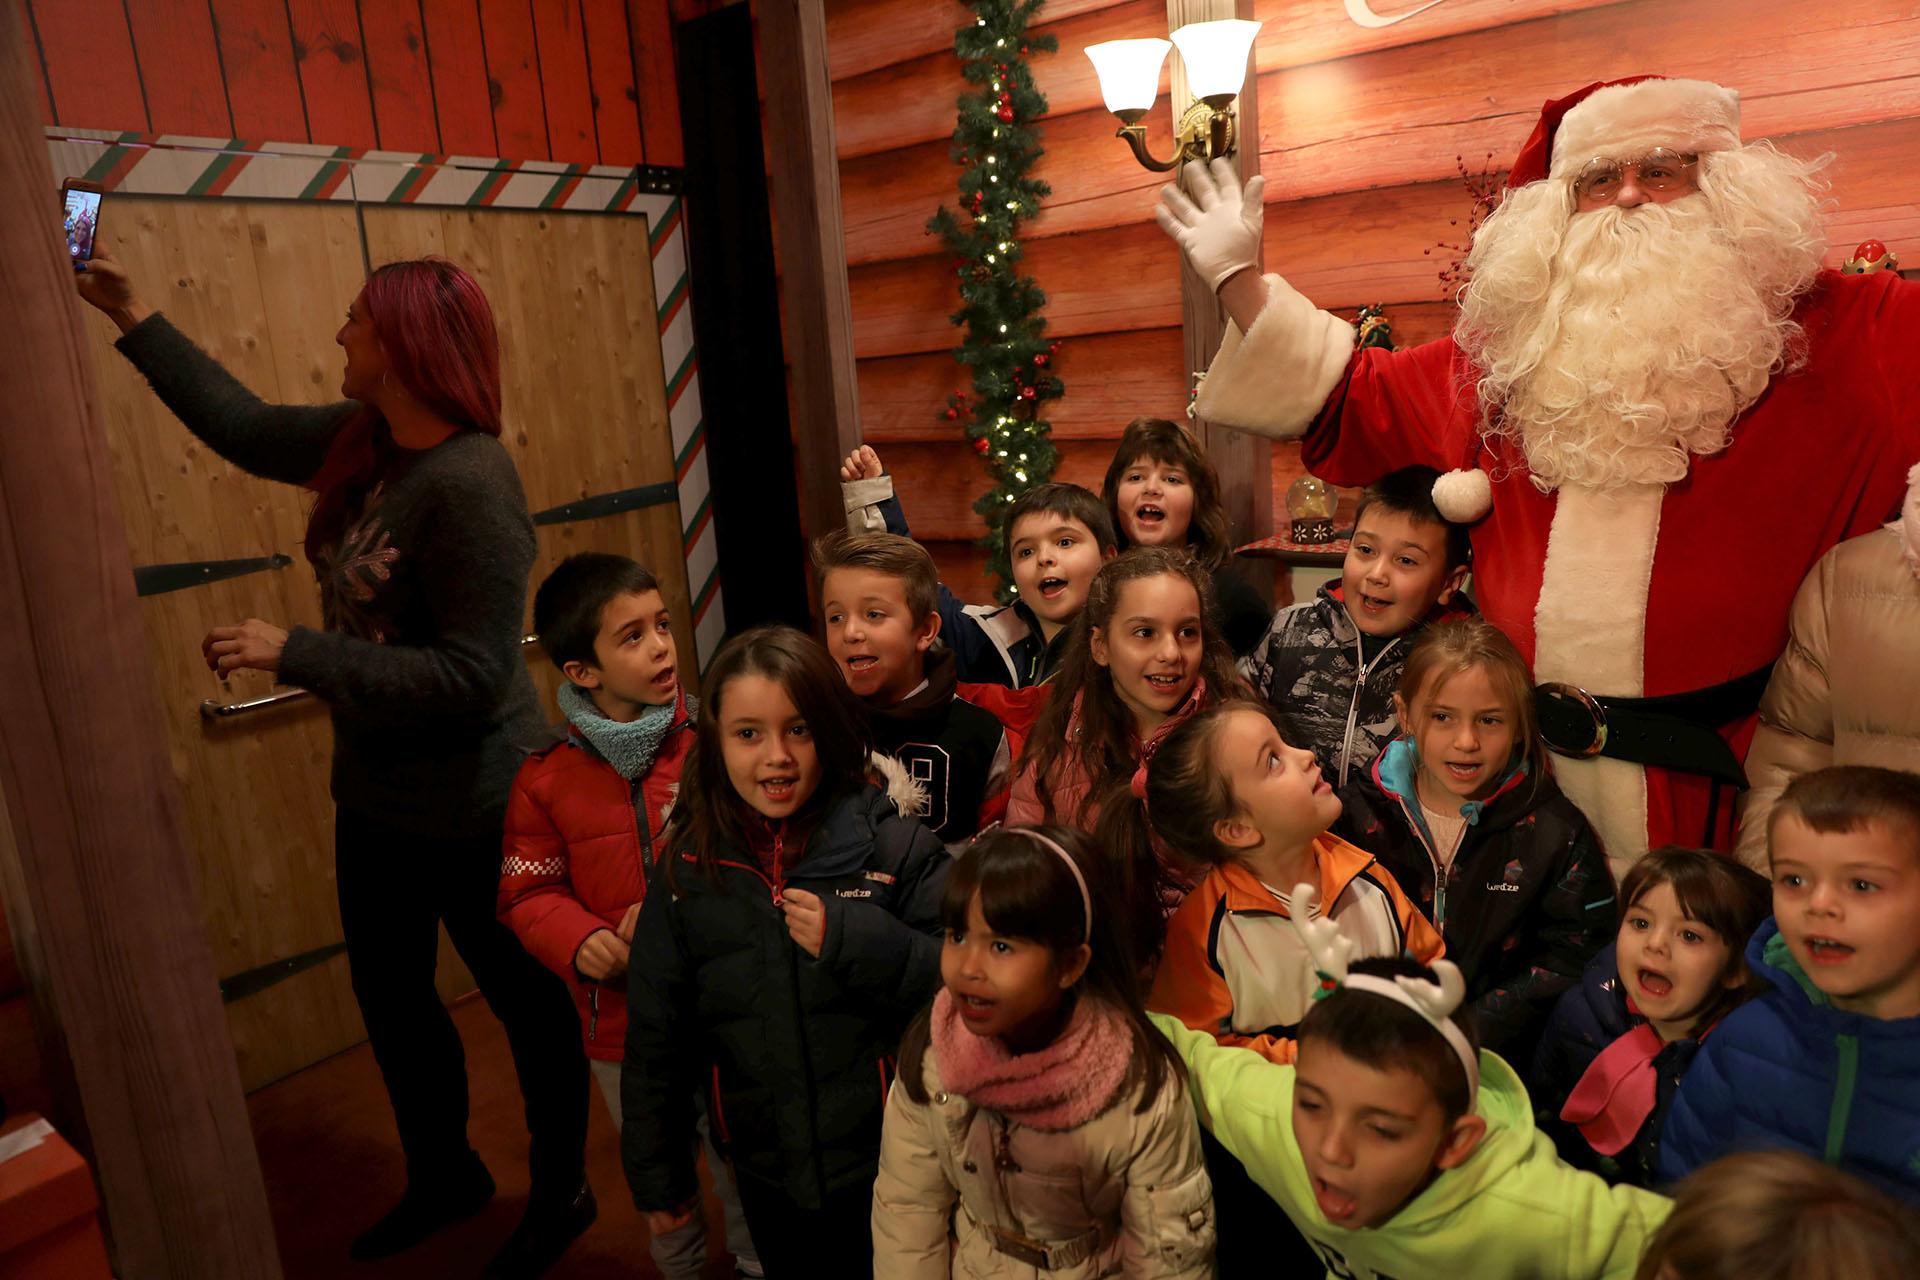 Santa Clausjunto a varios niños enLa Casa de Papa Noelen la Real Casa de Postas del centro deMadrid, España, el 20 de diciembre de 2017.(Reuters)